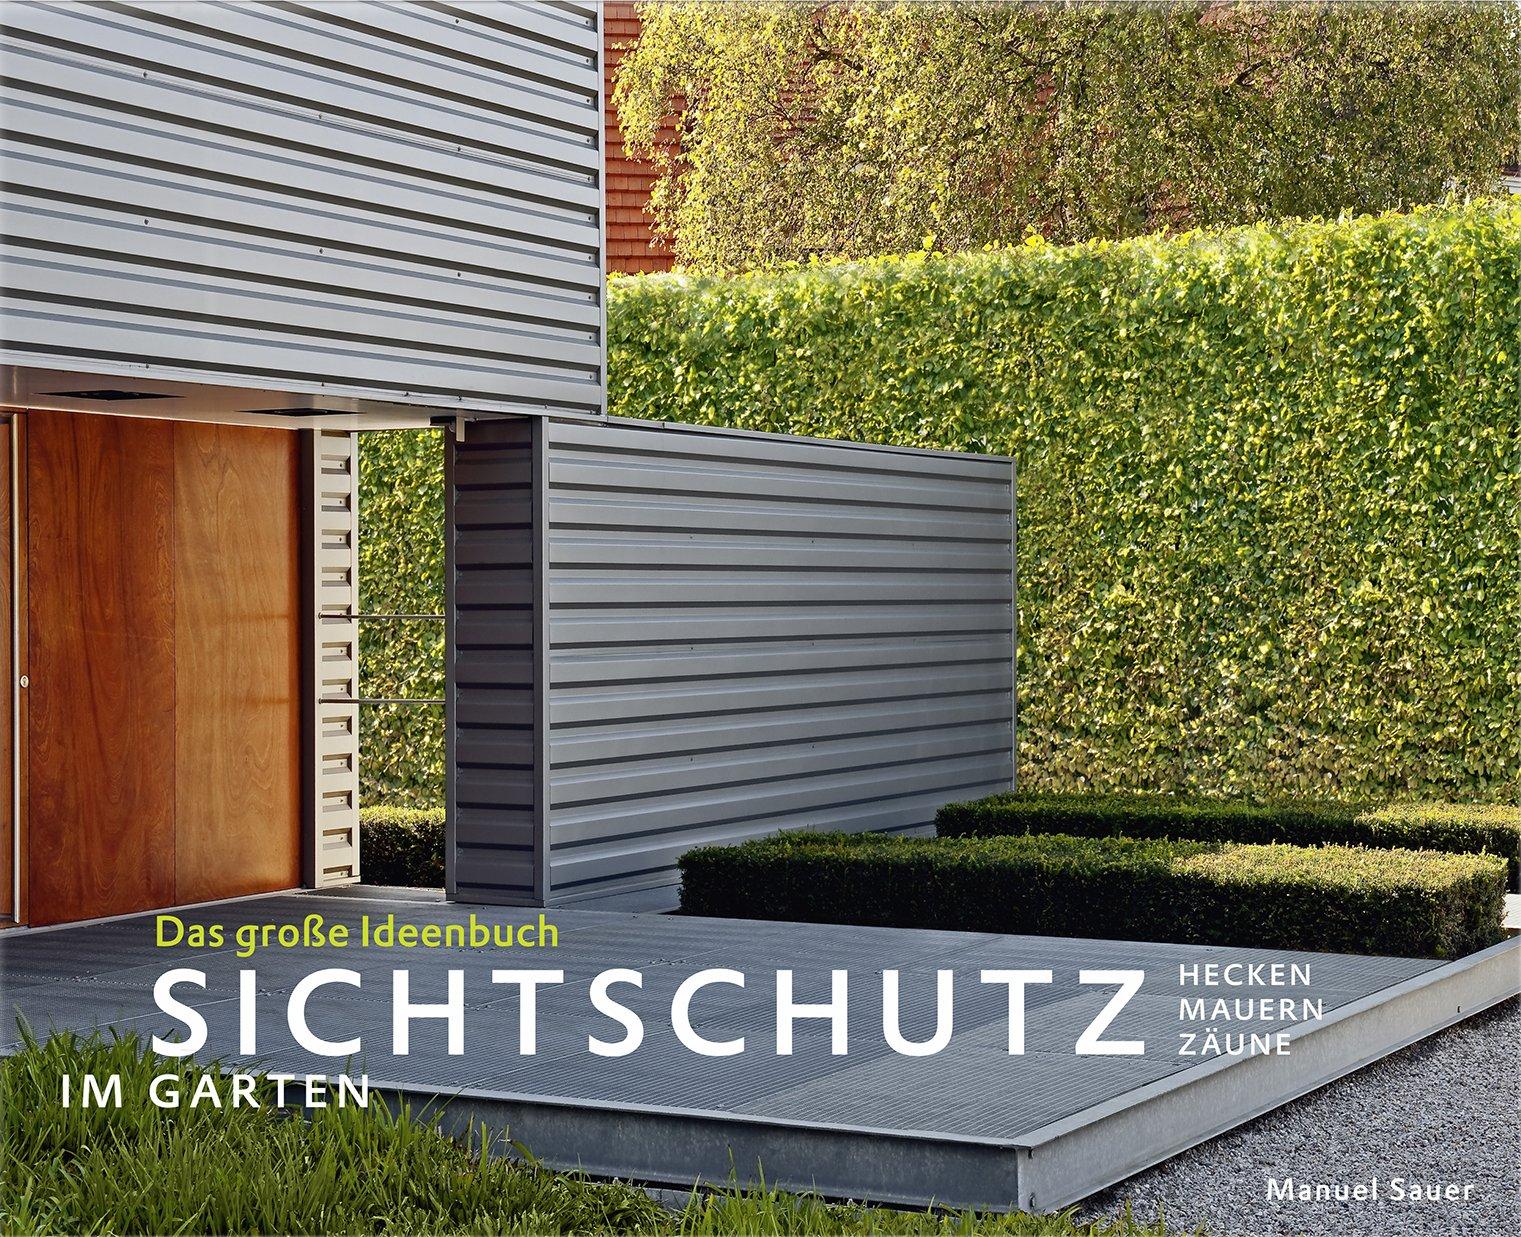 Kleine garten bis 150 qm interior design und m bel ideen for Gartengestaltung 100 qm